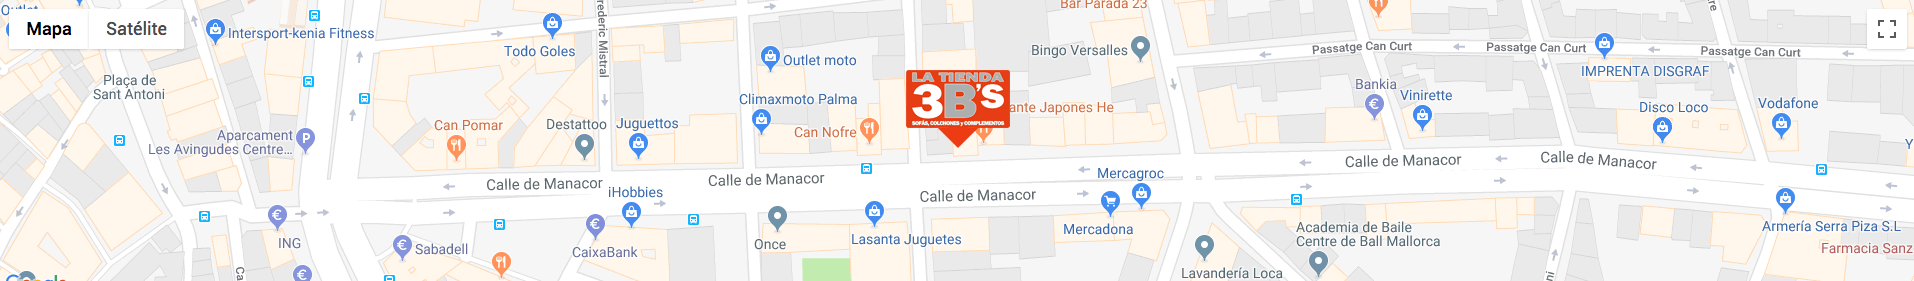 Mapa localización latienda3bs